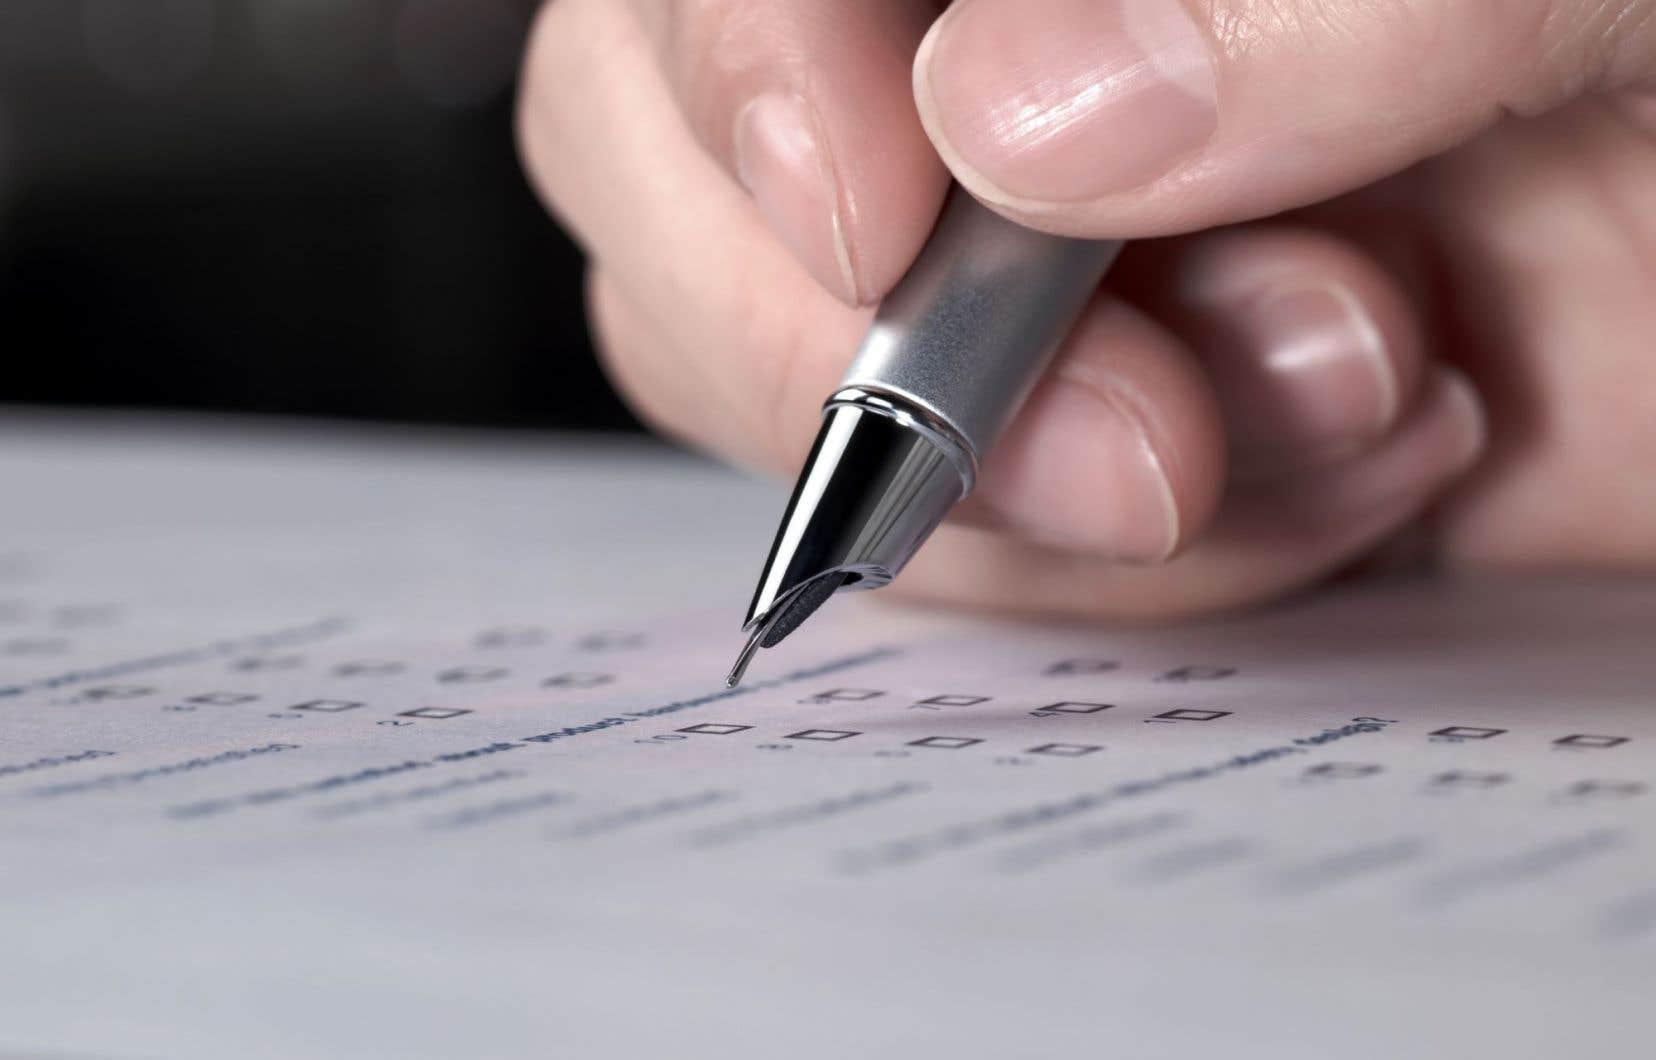 Statistique Canada évalue que le recensement de 2016 coûtera plus de 700millions de dollars, ce qui comprend une période de sept ans pour préparer, recueillir, analyser et distribuer les résultats.